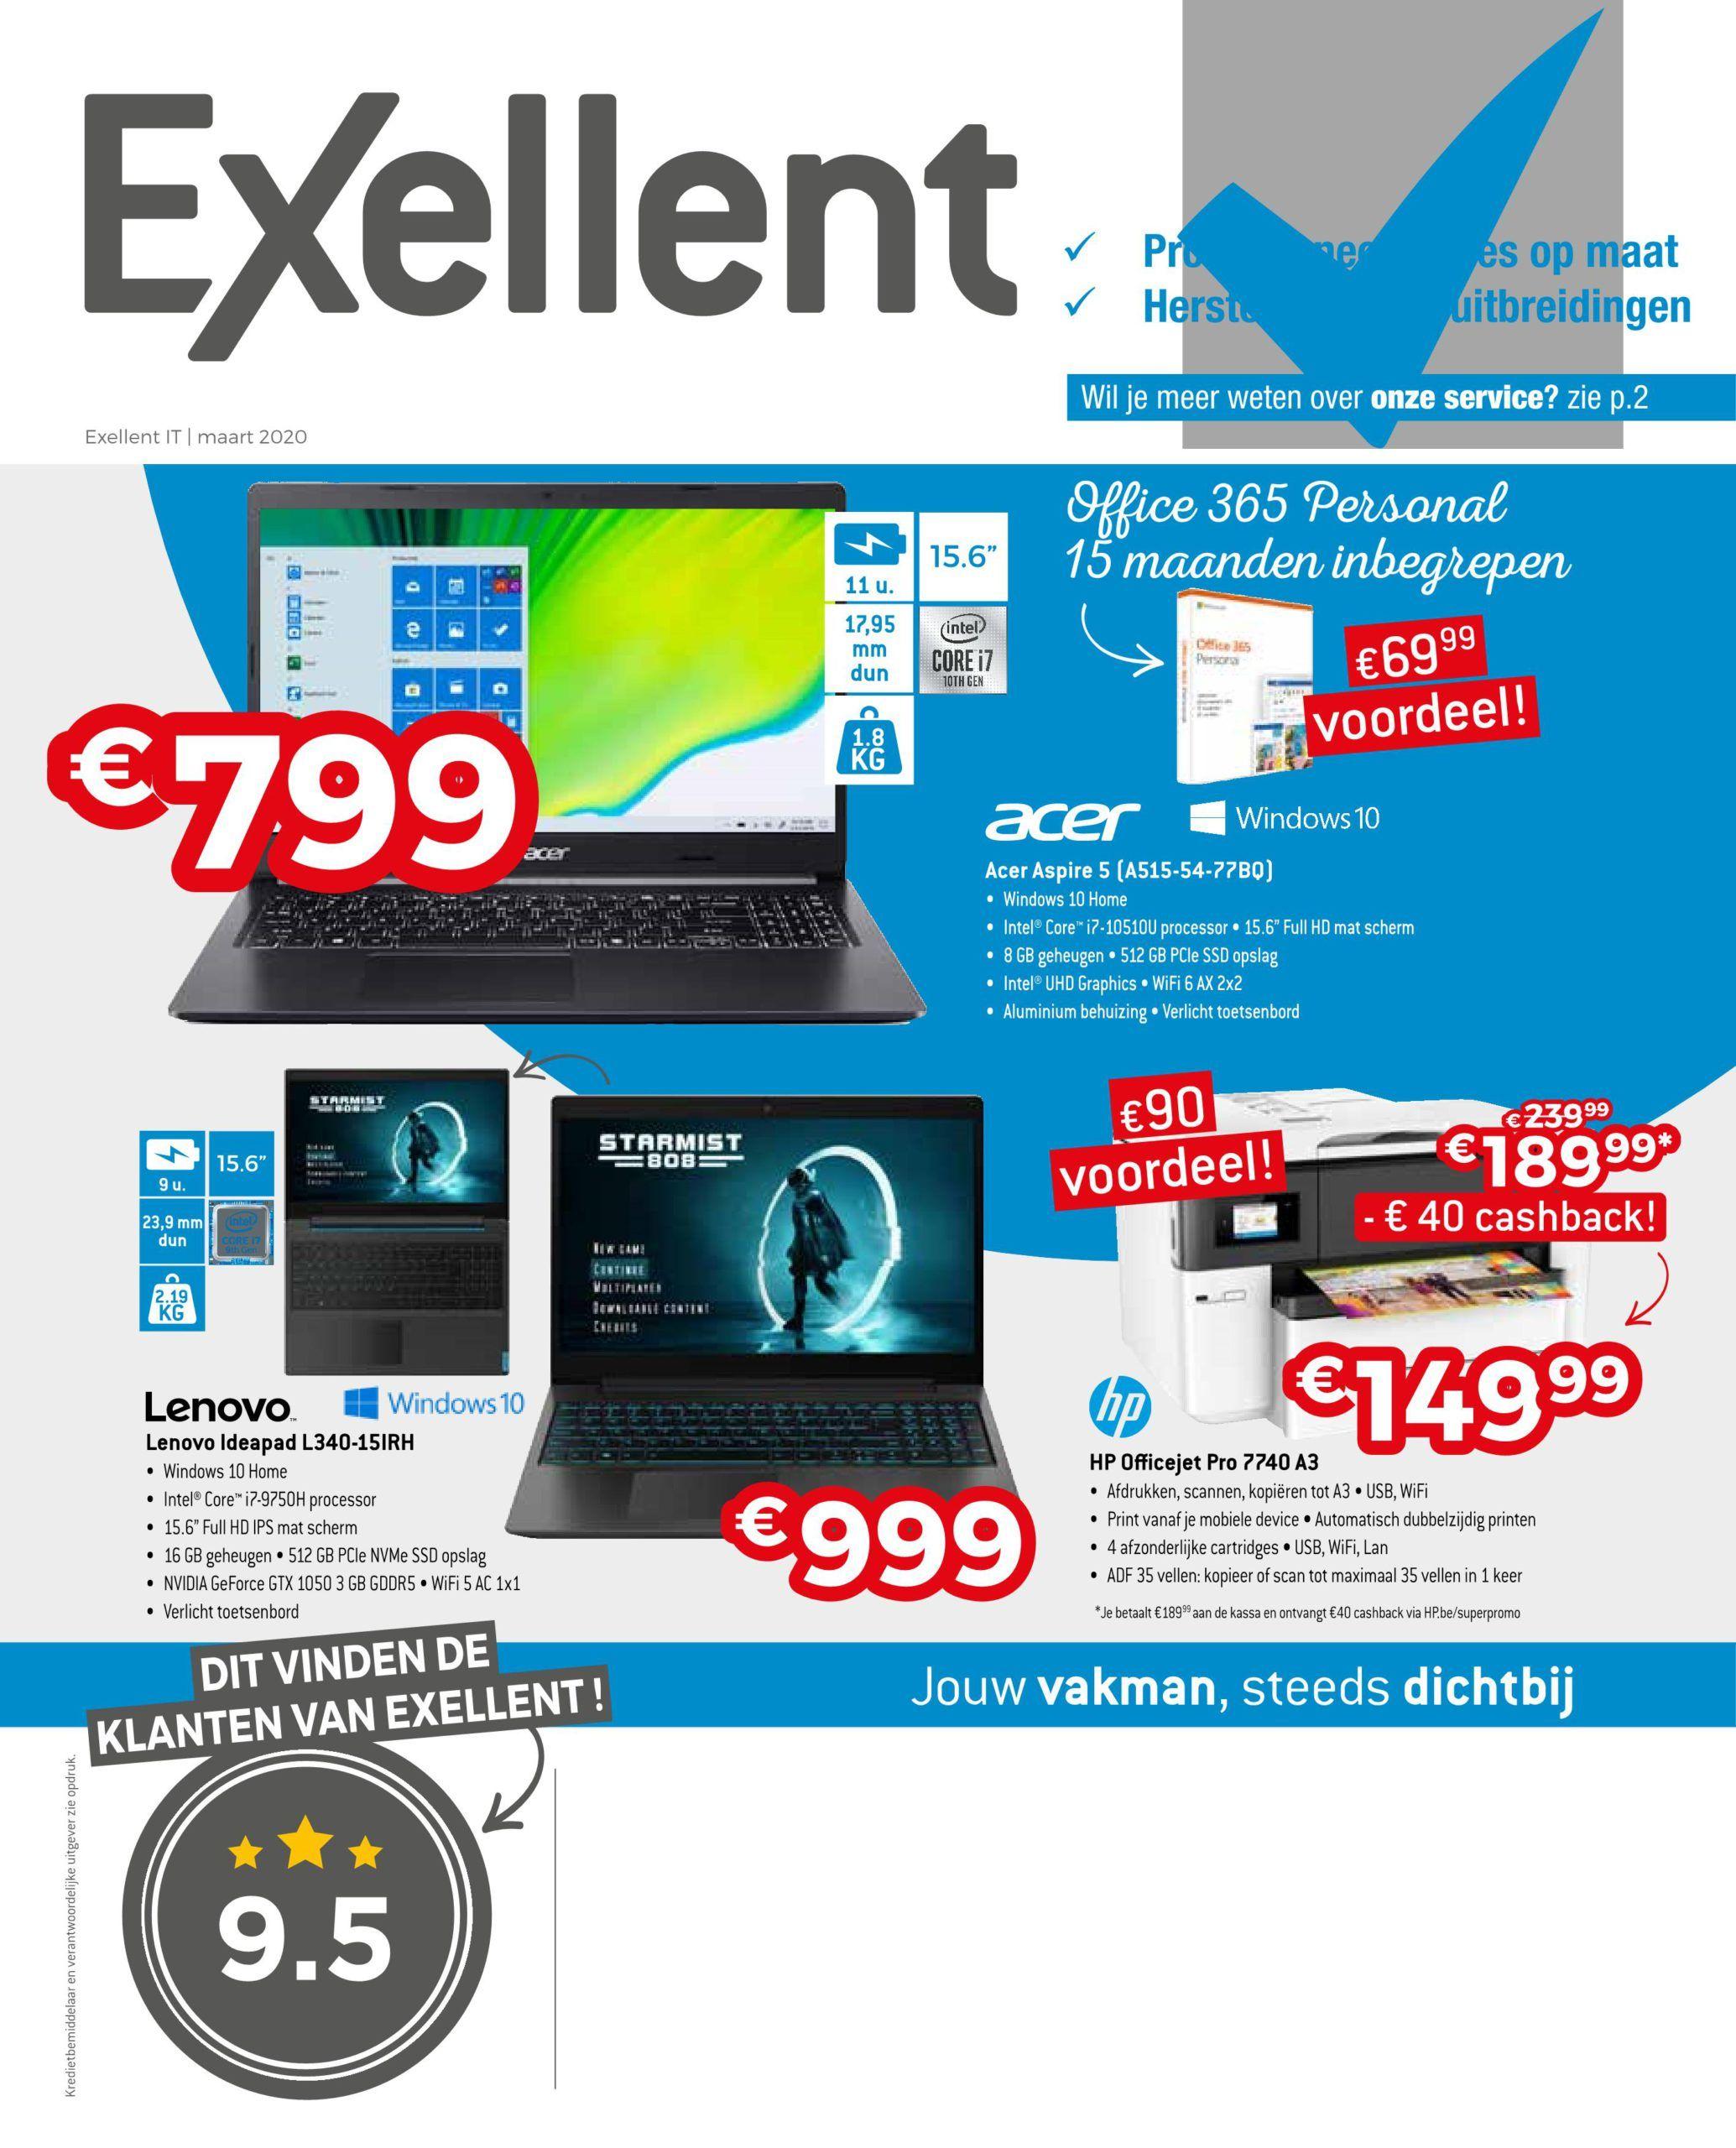 1 exellent folder marcelis halle computer winkel laptop tablet online bestellen corona